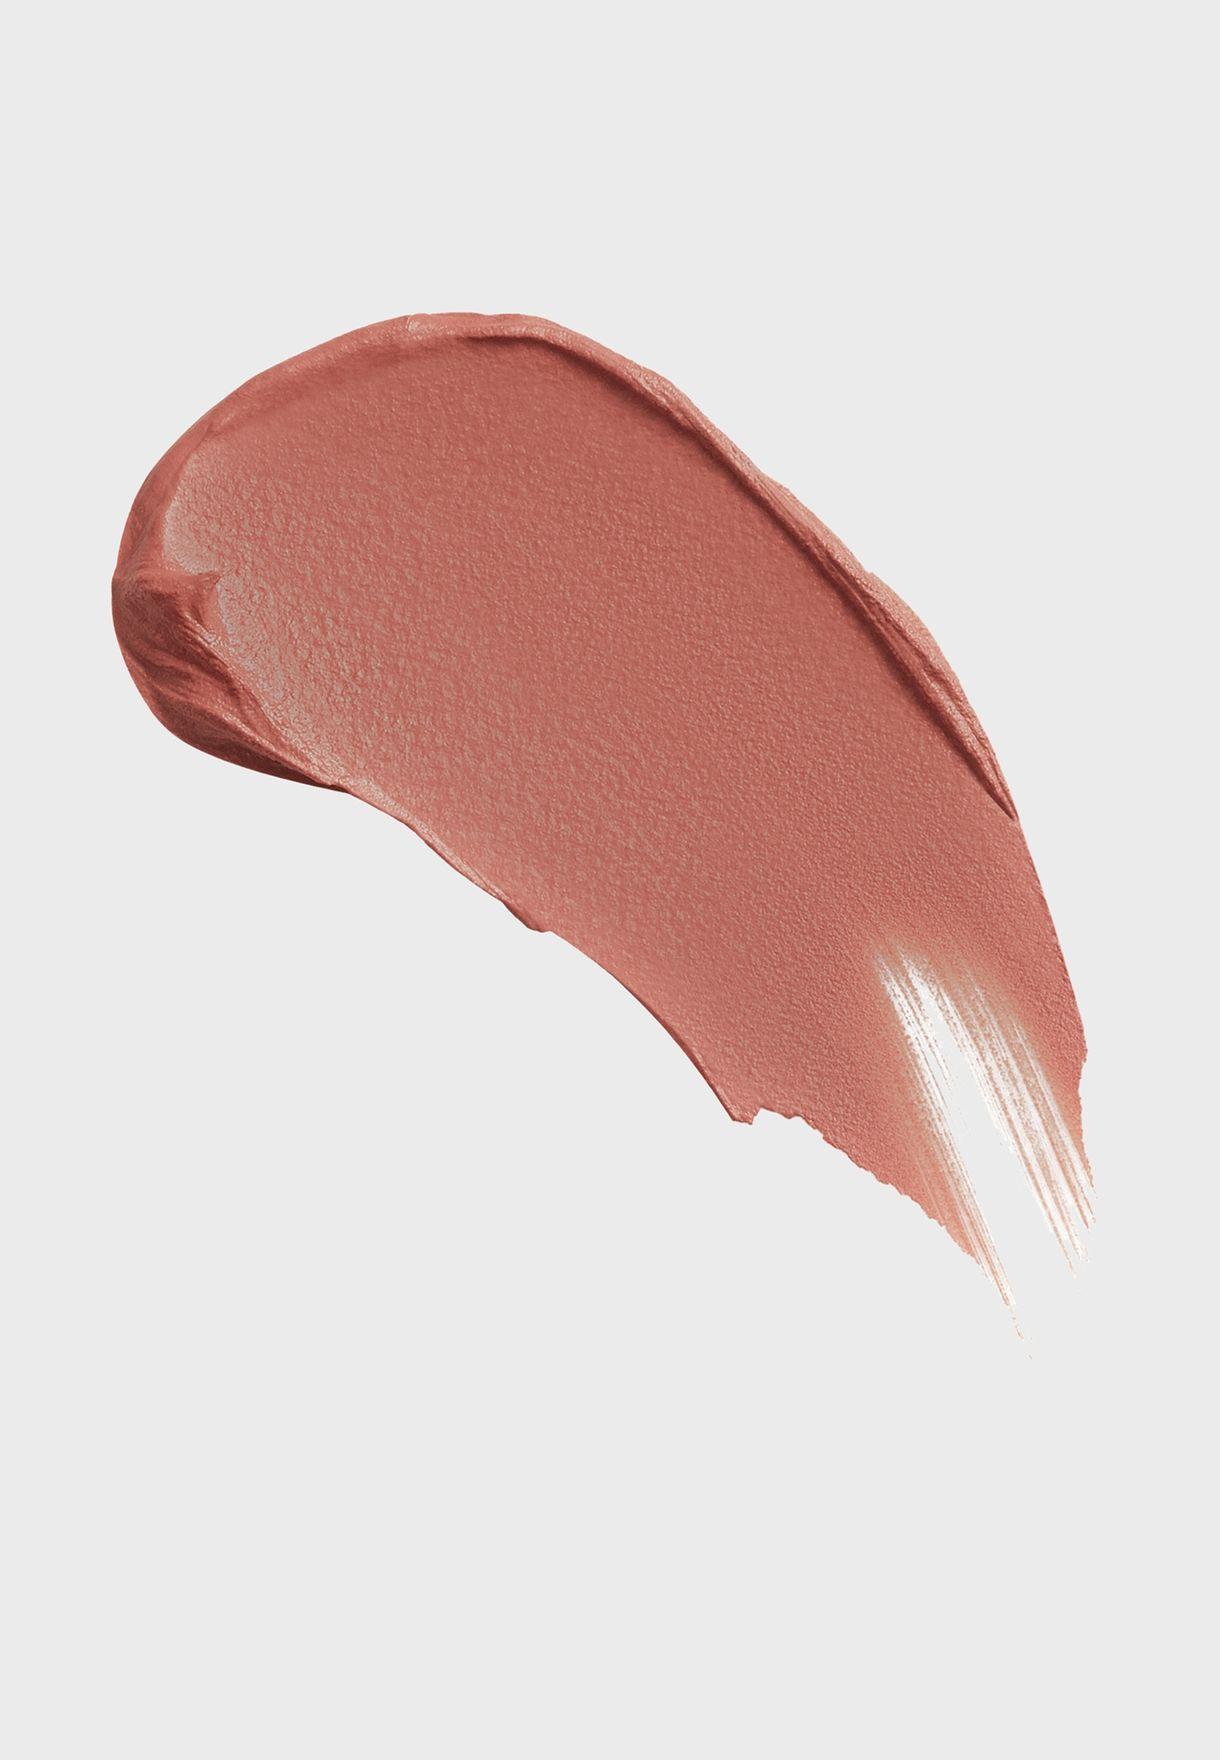 Lipfinity Velvet Matte Liquid Lip 070